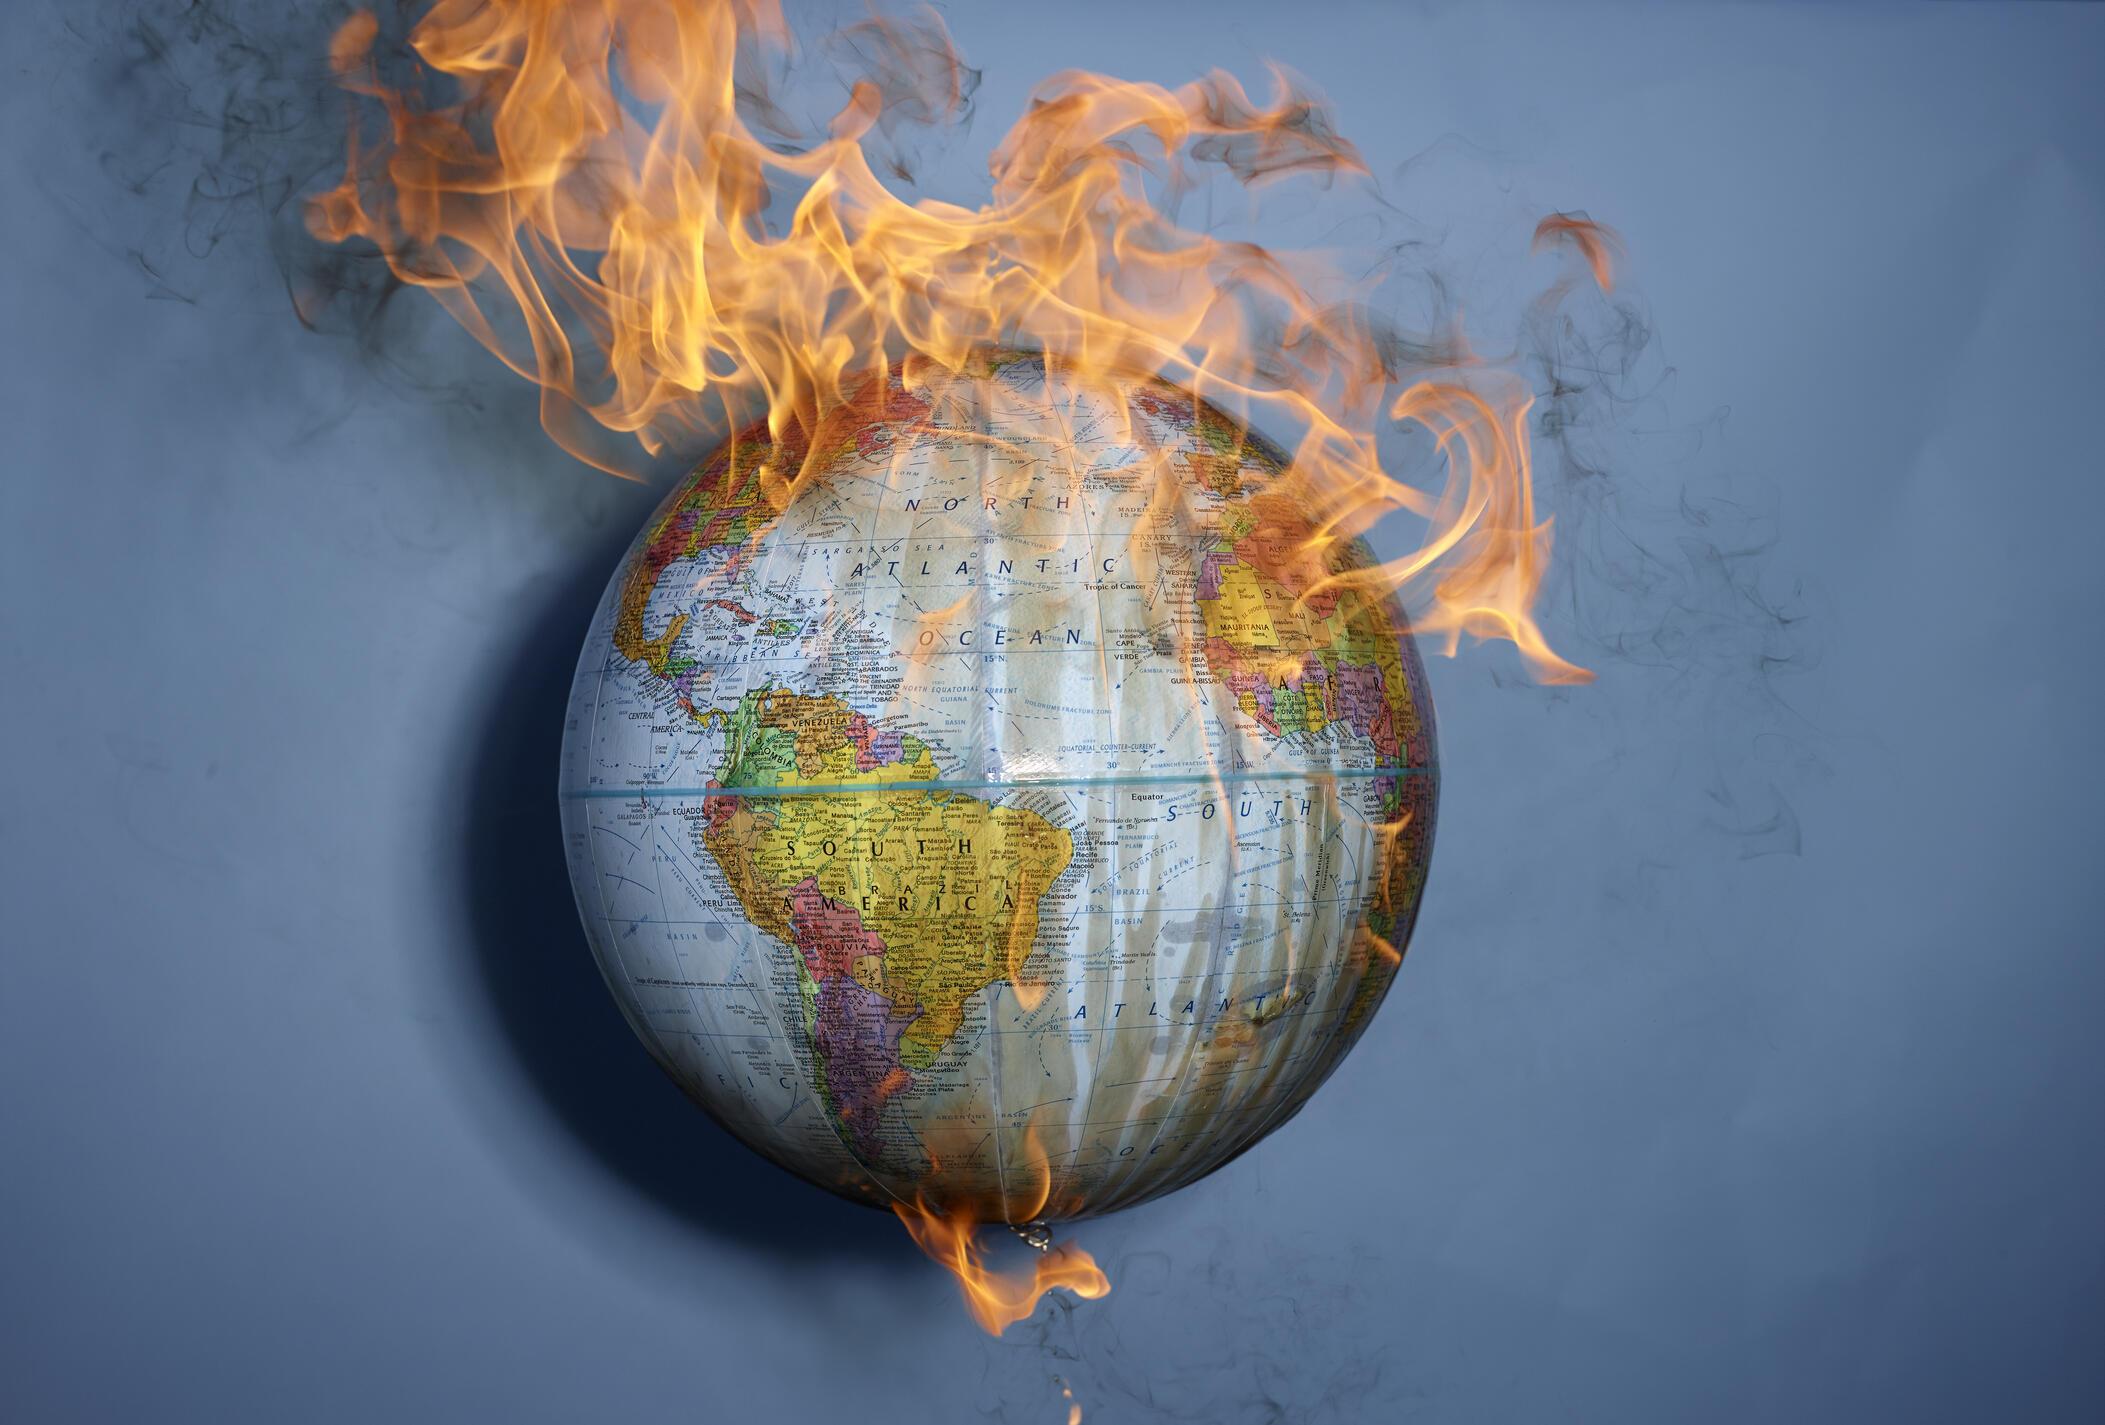 Le Global Peace Index passe 166 pays au crible de ses 23 indicateurs de mesure des conflits, de la sécurité et de la « militarisation » des sociétés.